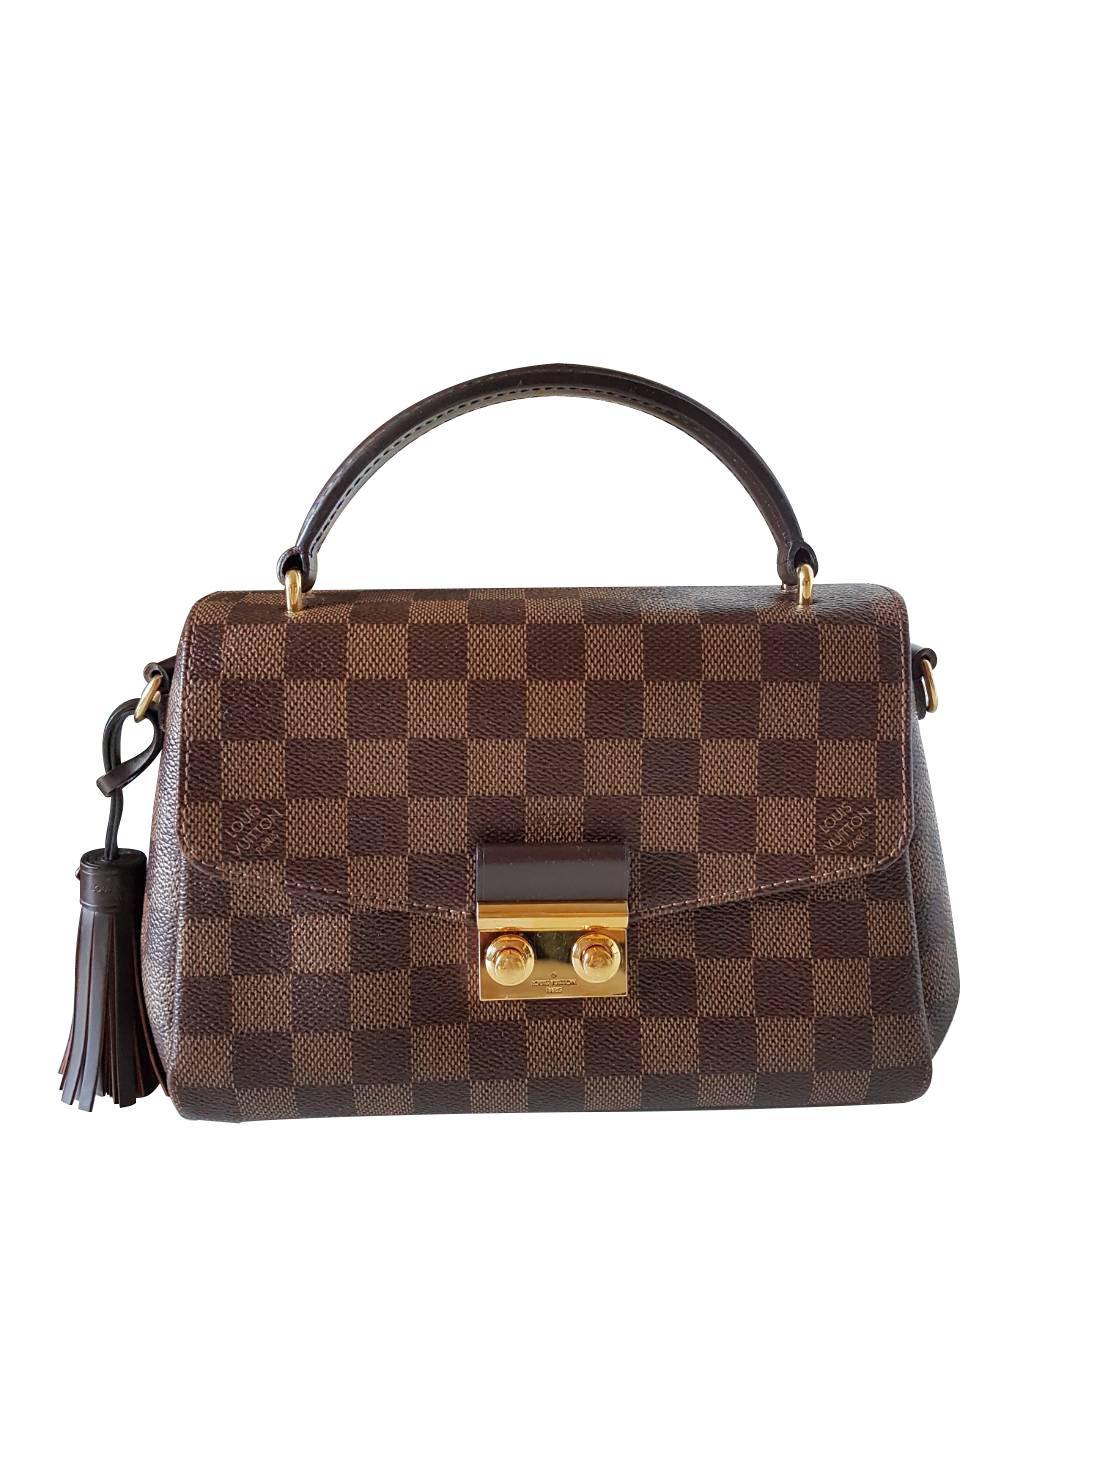 82b03b6d6317 Louis Vuitton Croisette